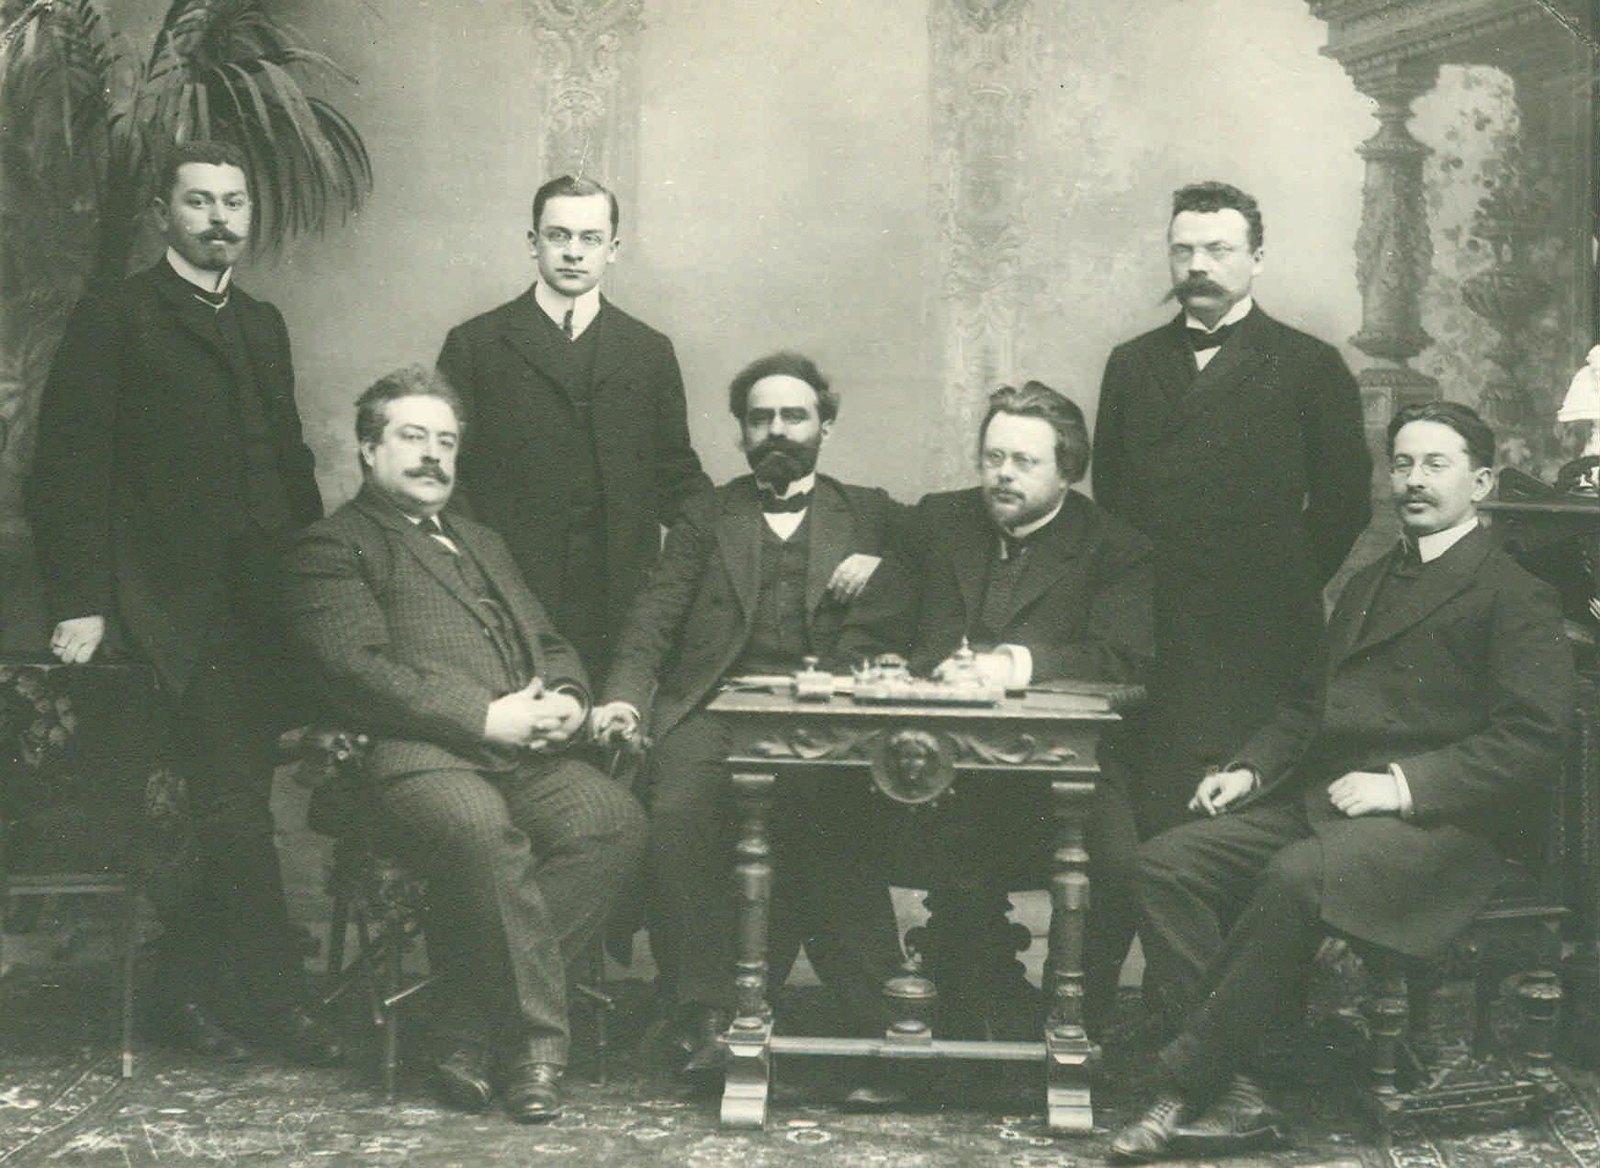 1906. Группа депутатов Первой Государственной Думы за столом